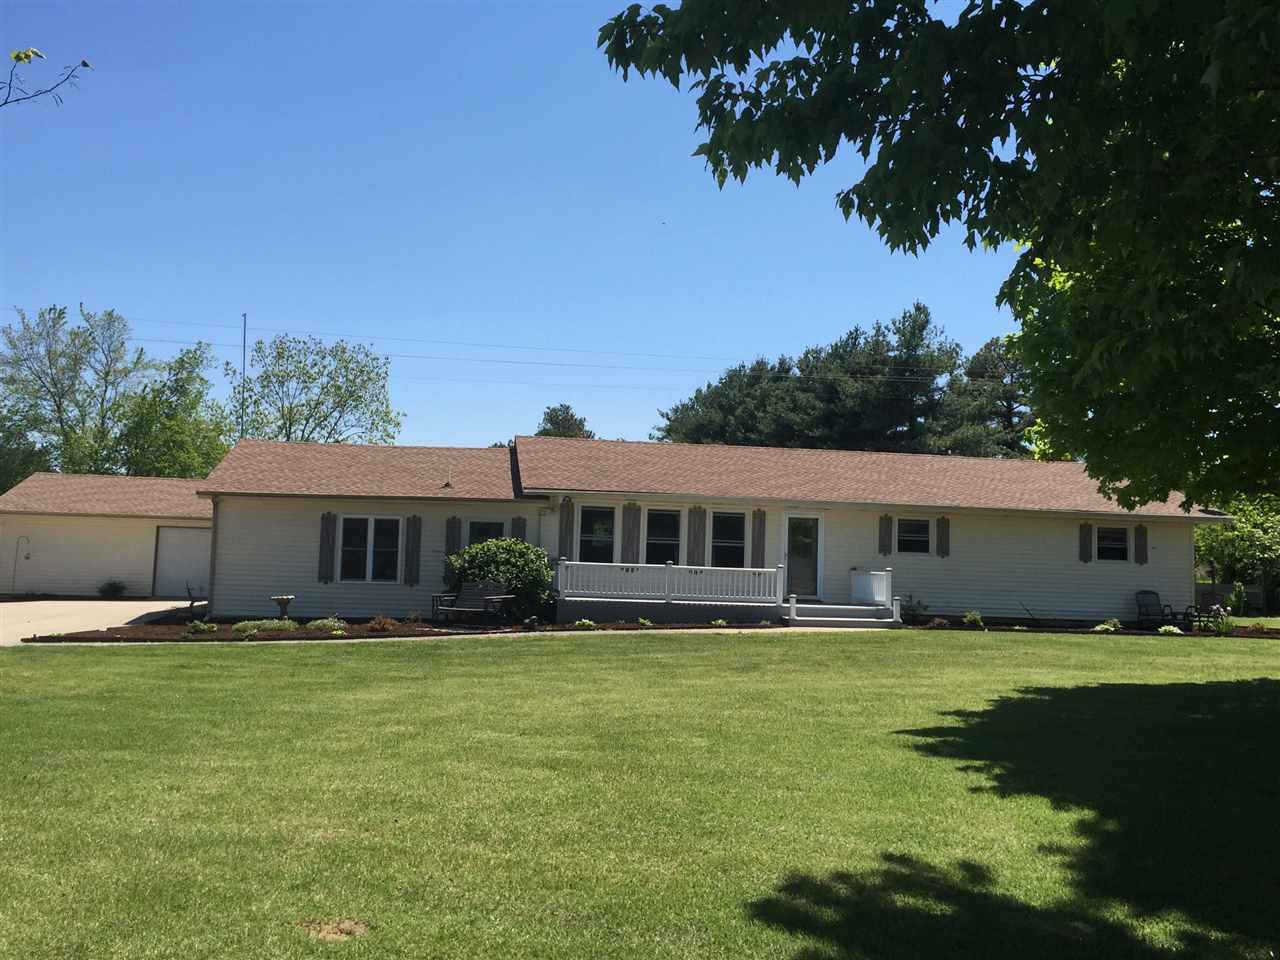 Real Estate for Sale, ListingId: 33299753, Dexter,KY42036